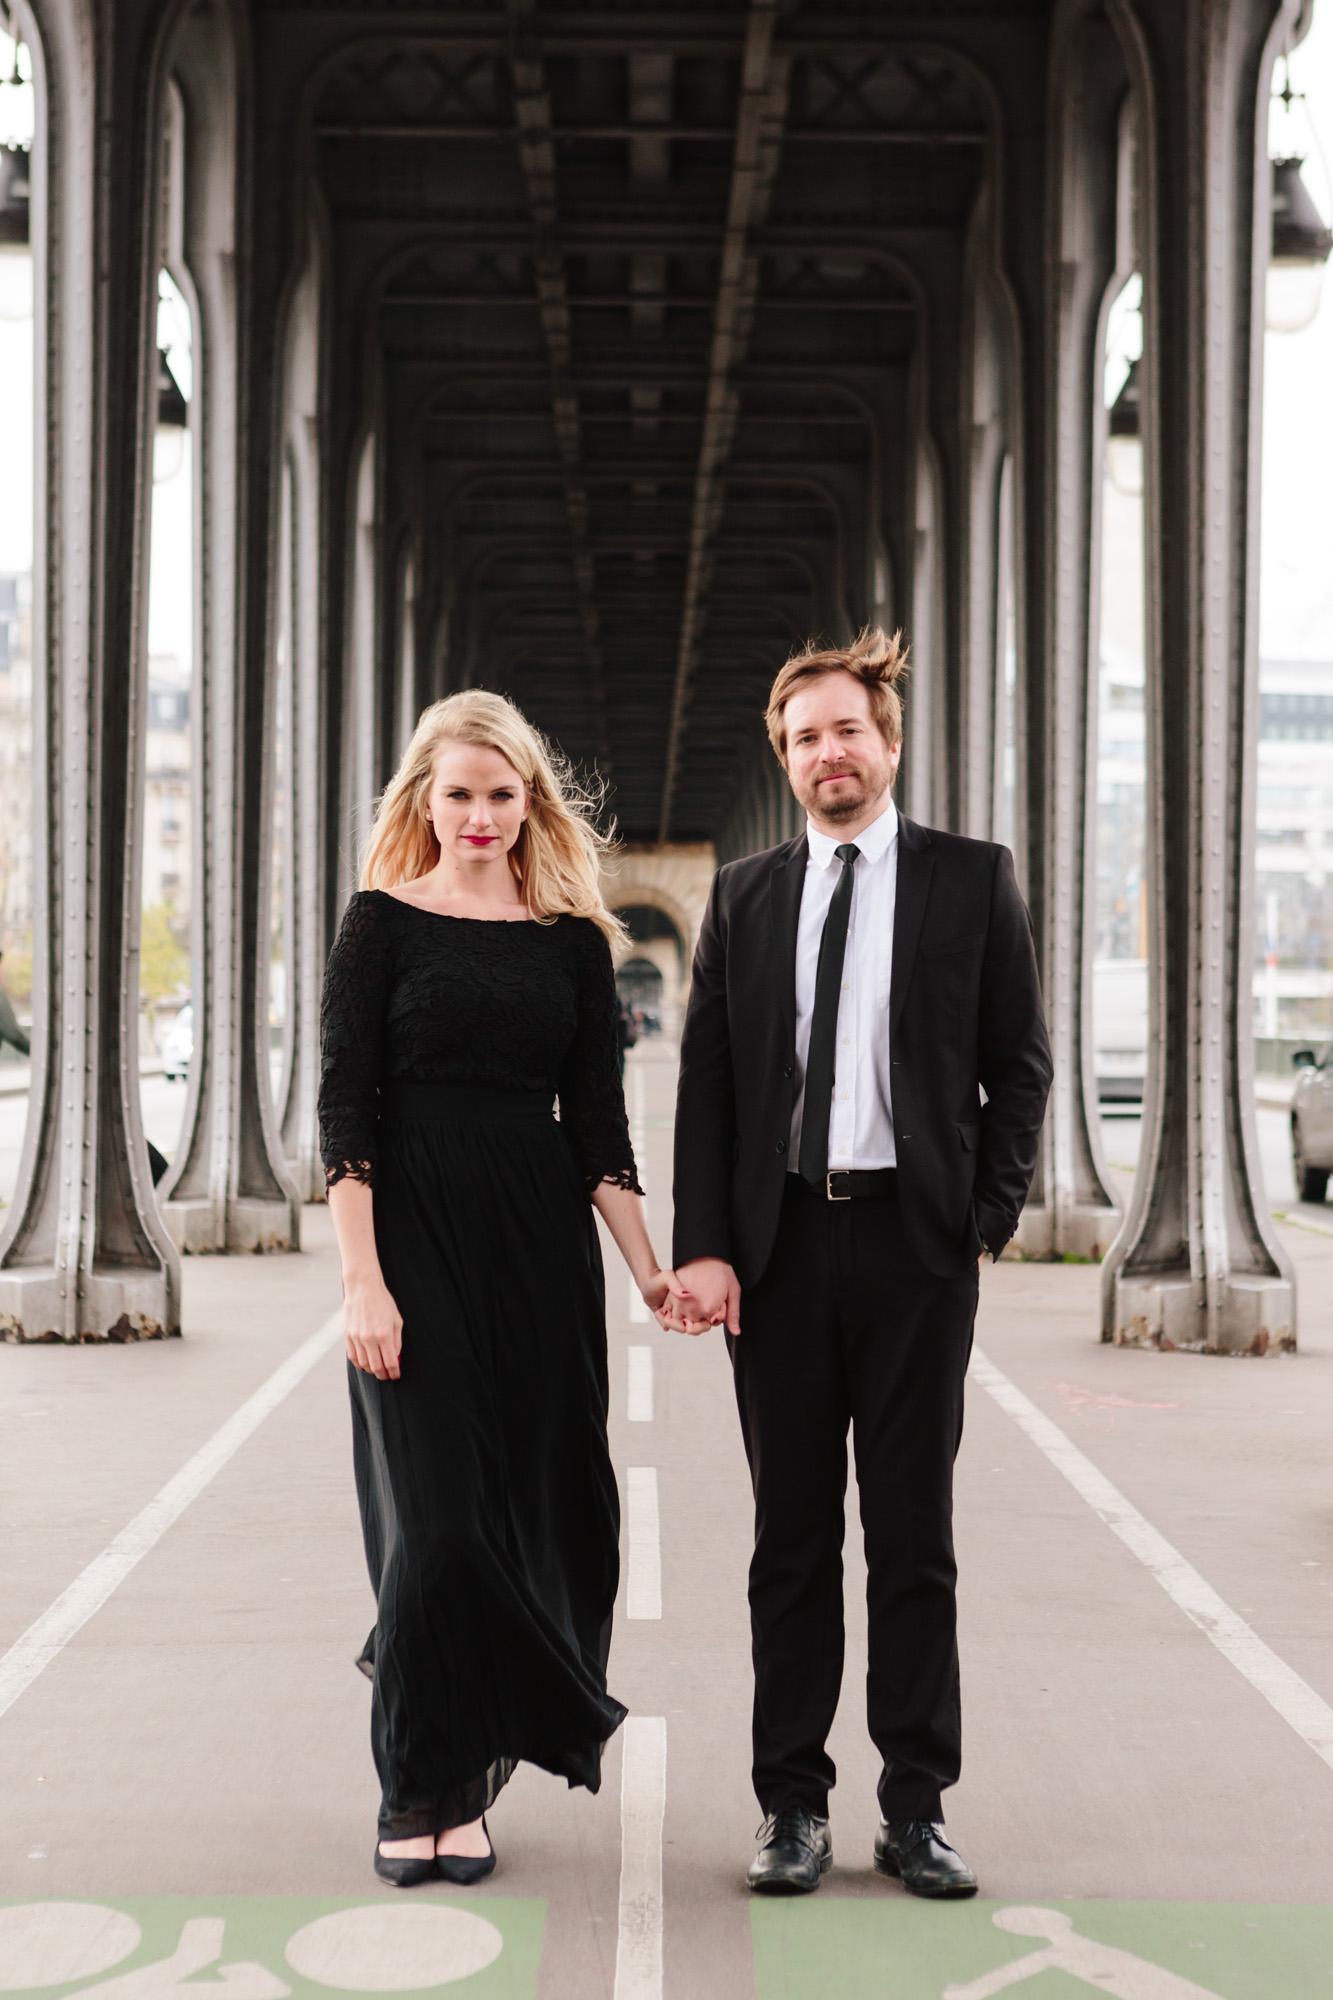 Paris Photographer Federico Guendel captured couple engagement portrait at Pont Bir Hakeim